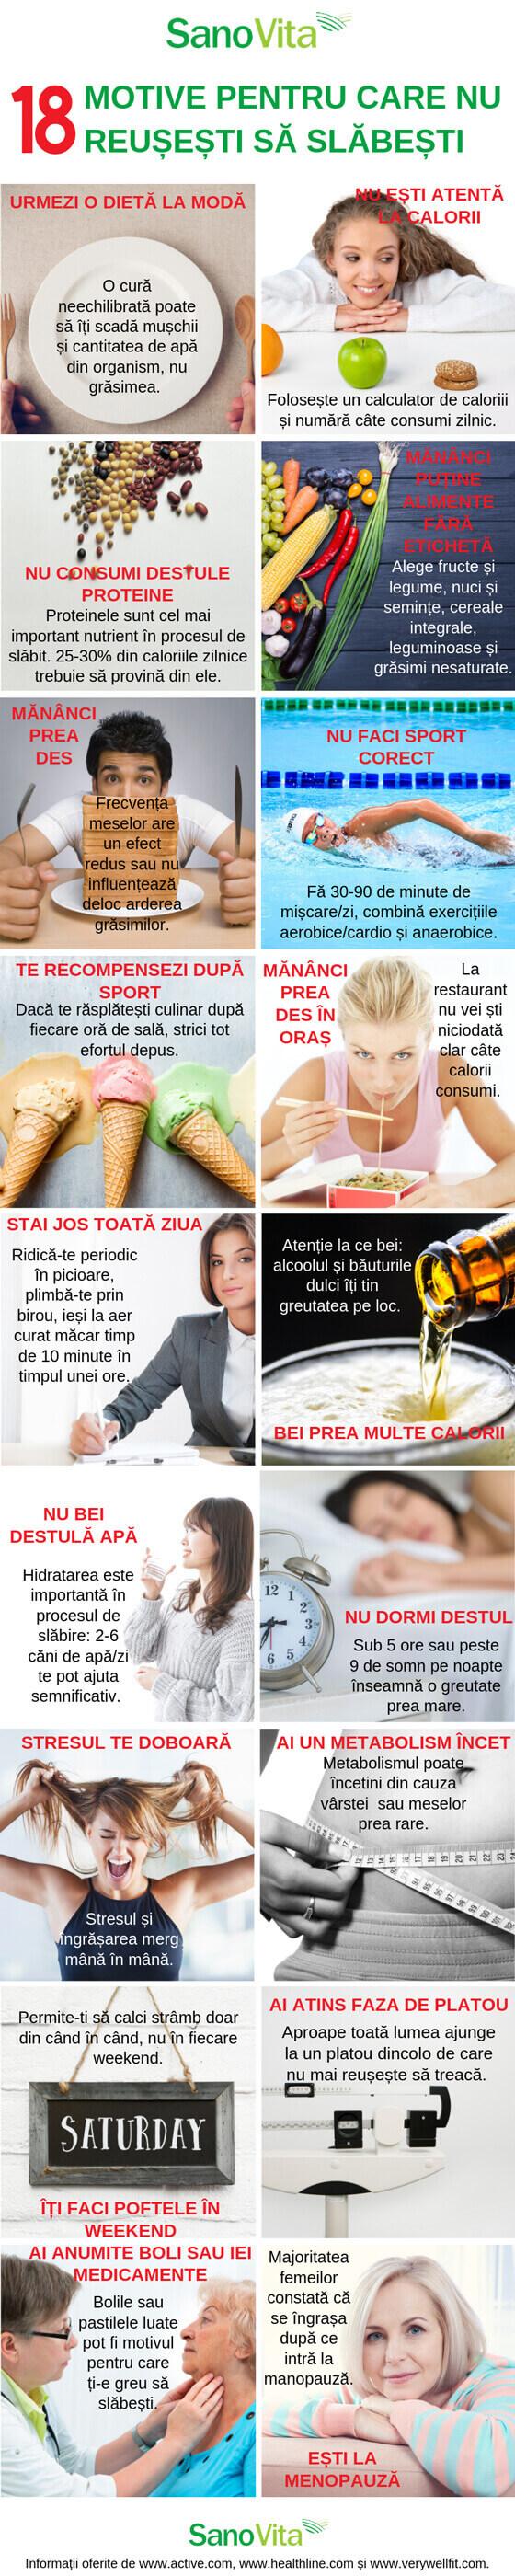 mananca pentru a slabi metabolismul